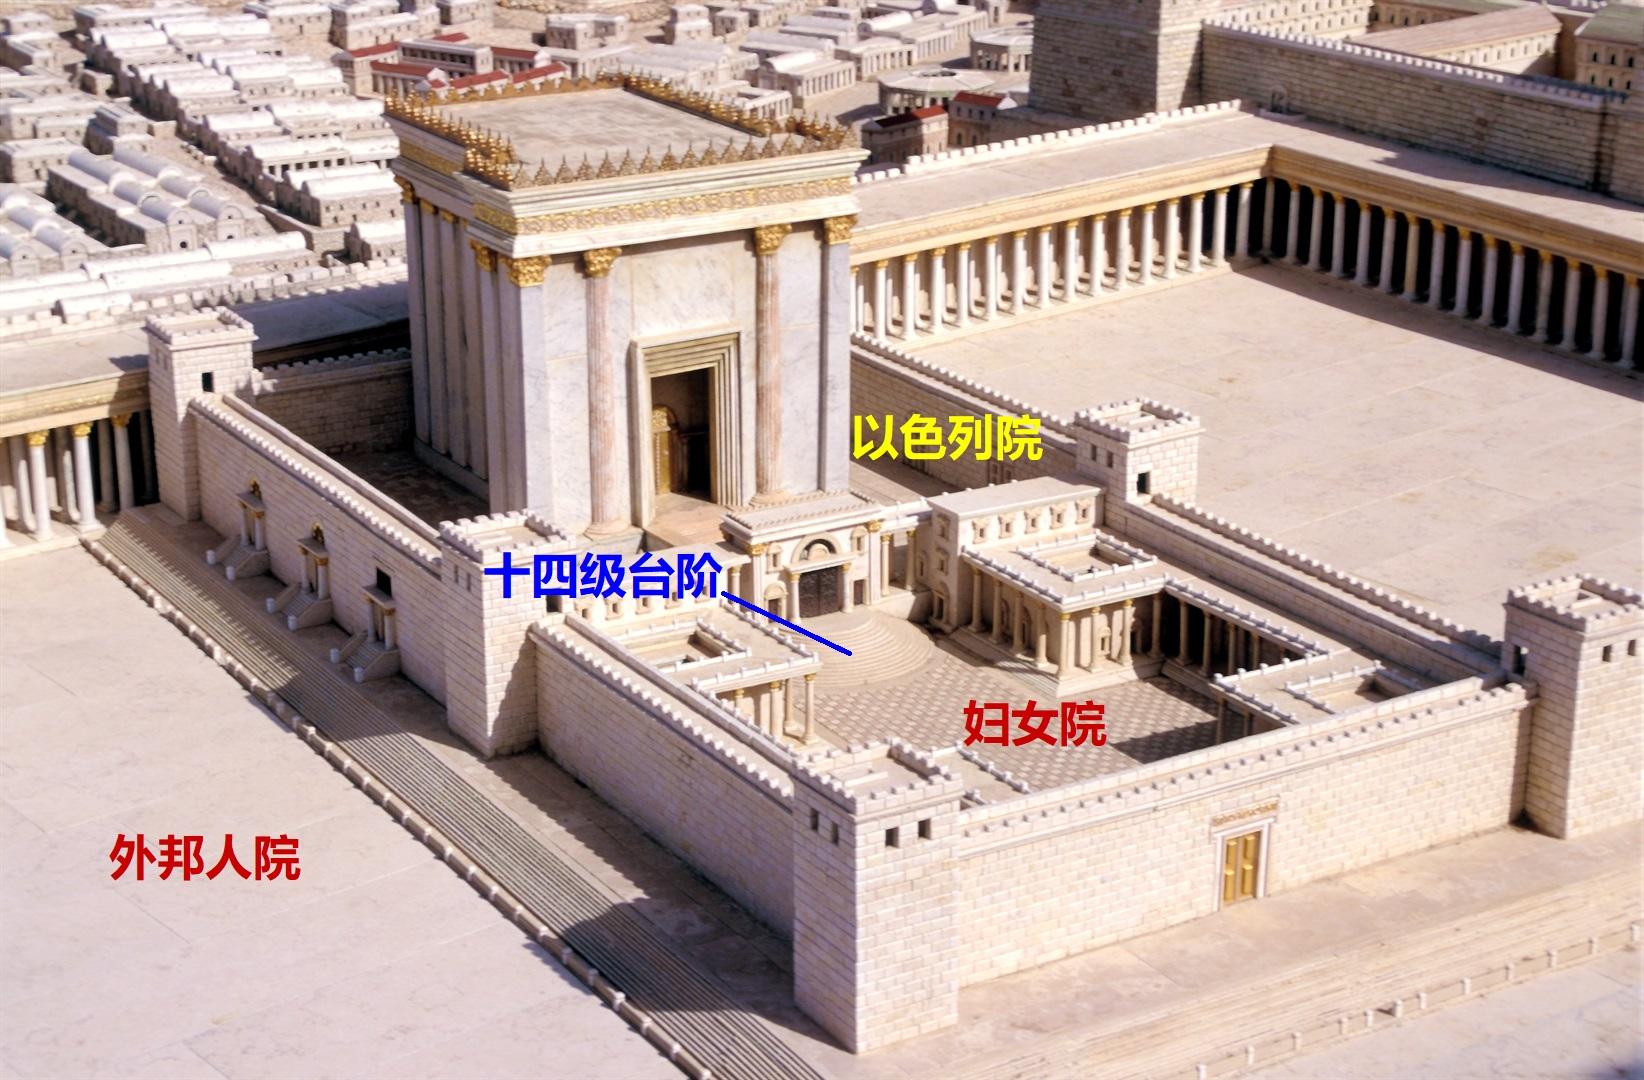 上图:耶路撒冷以色列博物馆中的第二圣殿模型,从圣殿的妇女院上到以色列院,一共有十四级台阶。